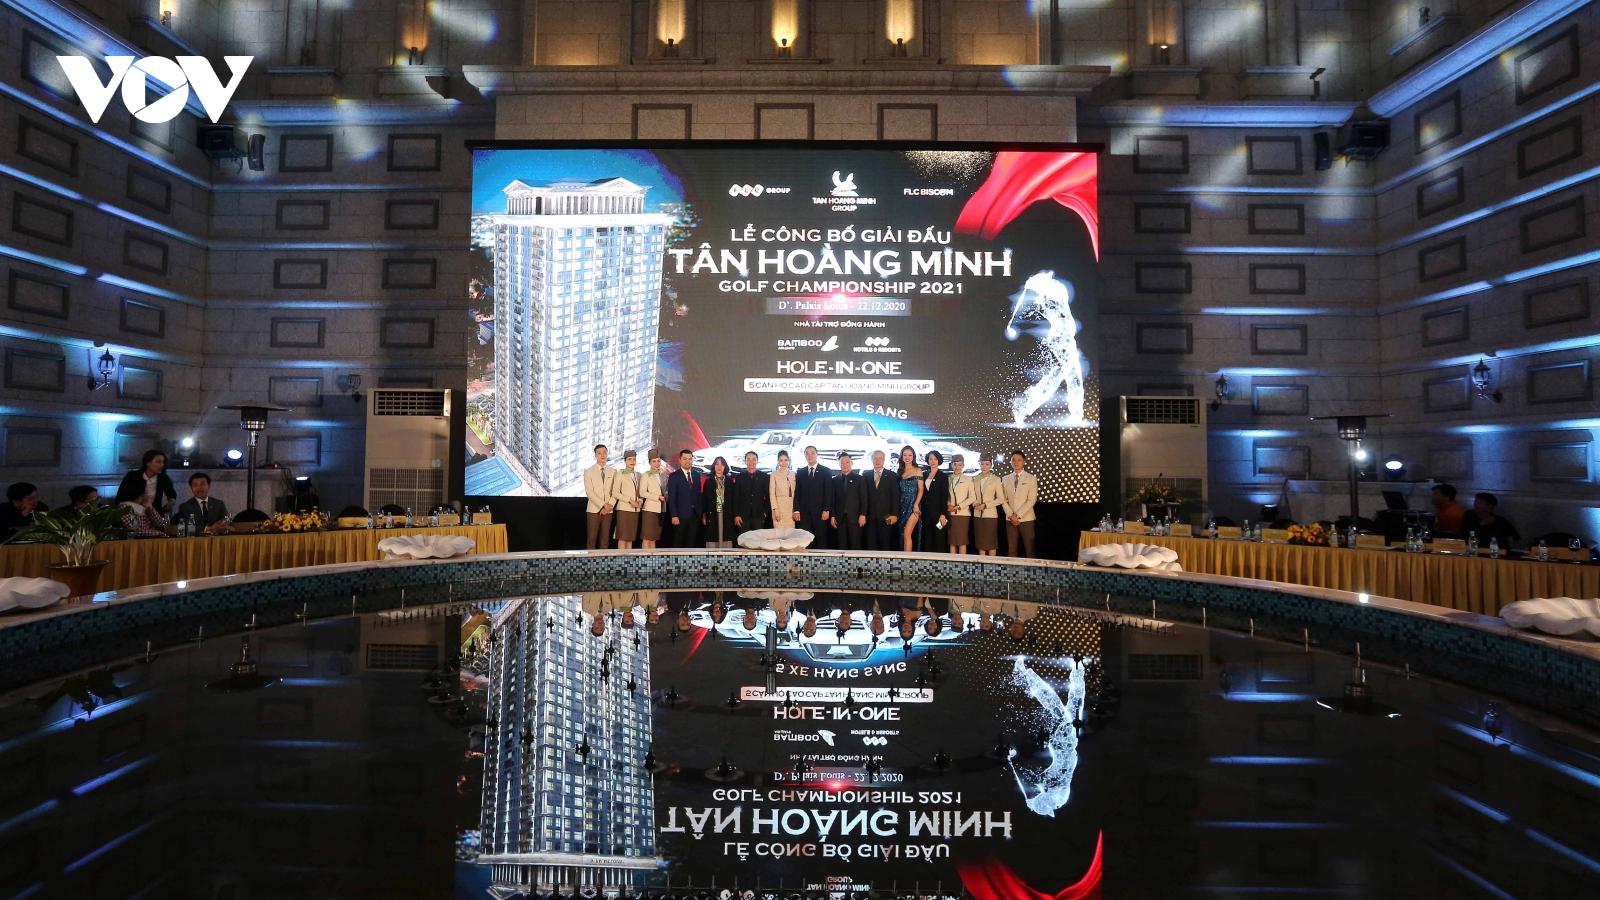 Phần thưởng HIO khủng- căn hộ cao cấp và xe sang tại Tân Hoàng Minh Golf Championship 2021